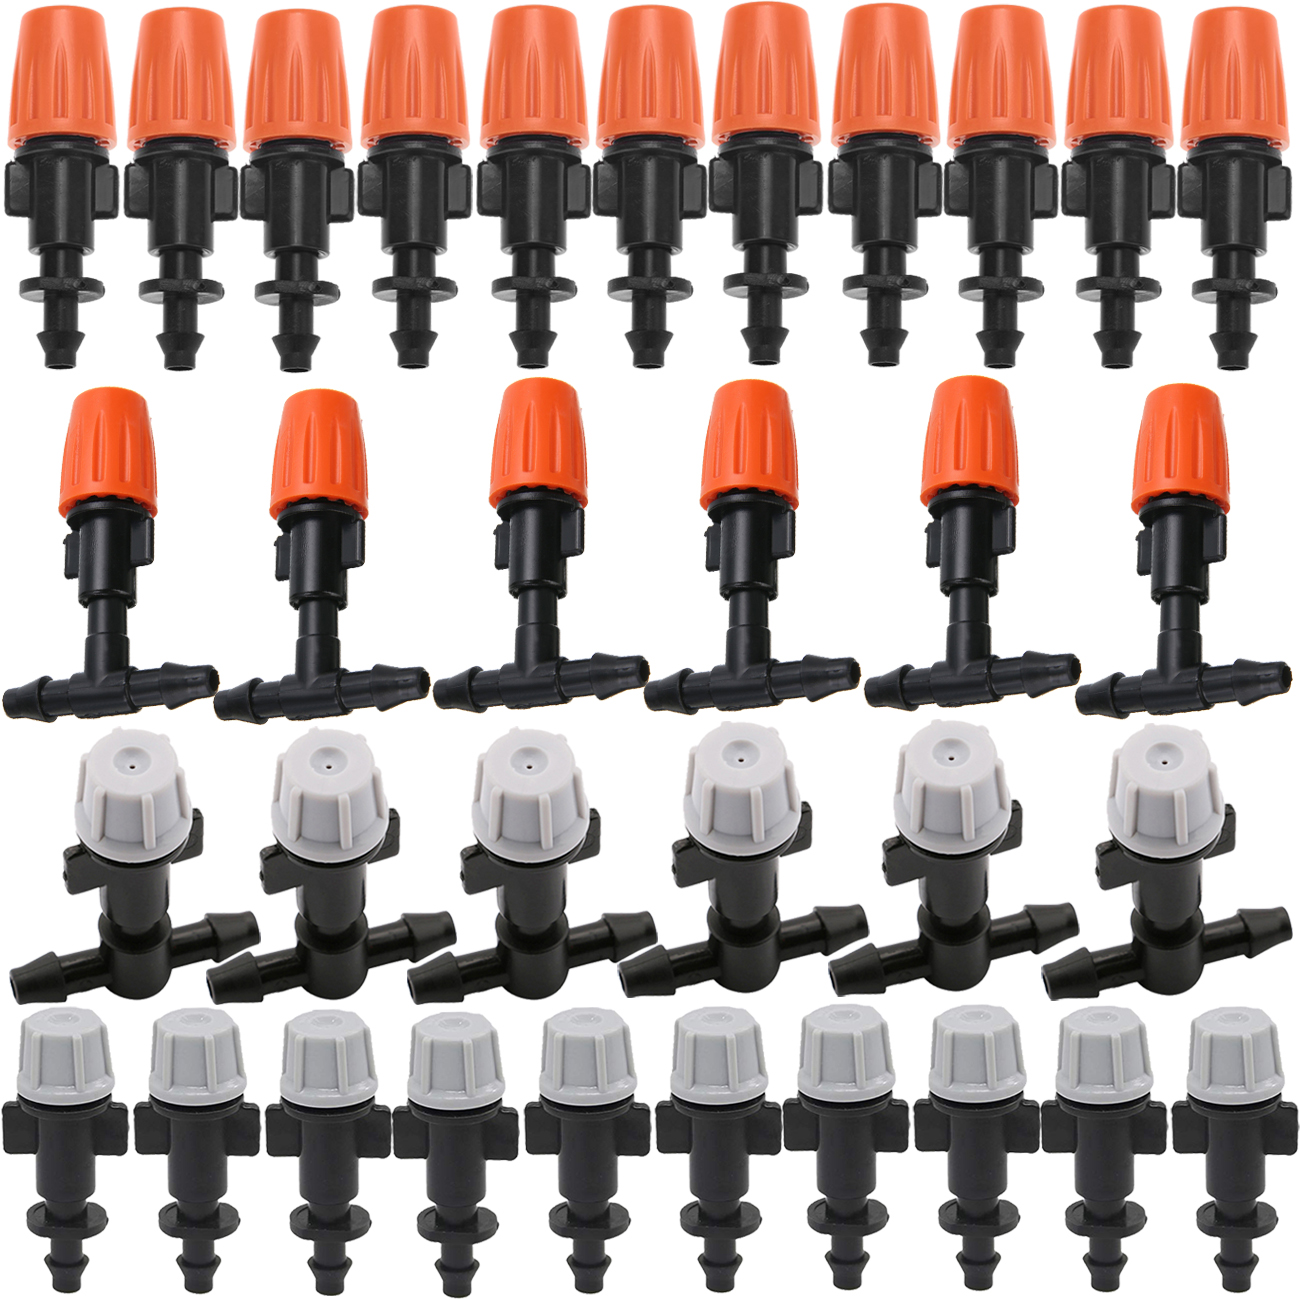 20 шт микро капельного орошения насадка распылителя излучатель Мелкодисперсный распылитель w/4/7 мм бывает 2 типов: один/двойная колючая 6 мм р...